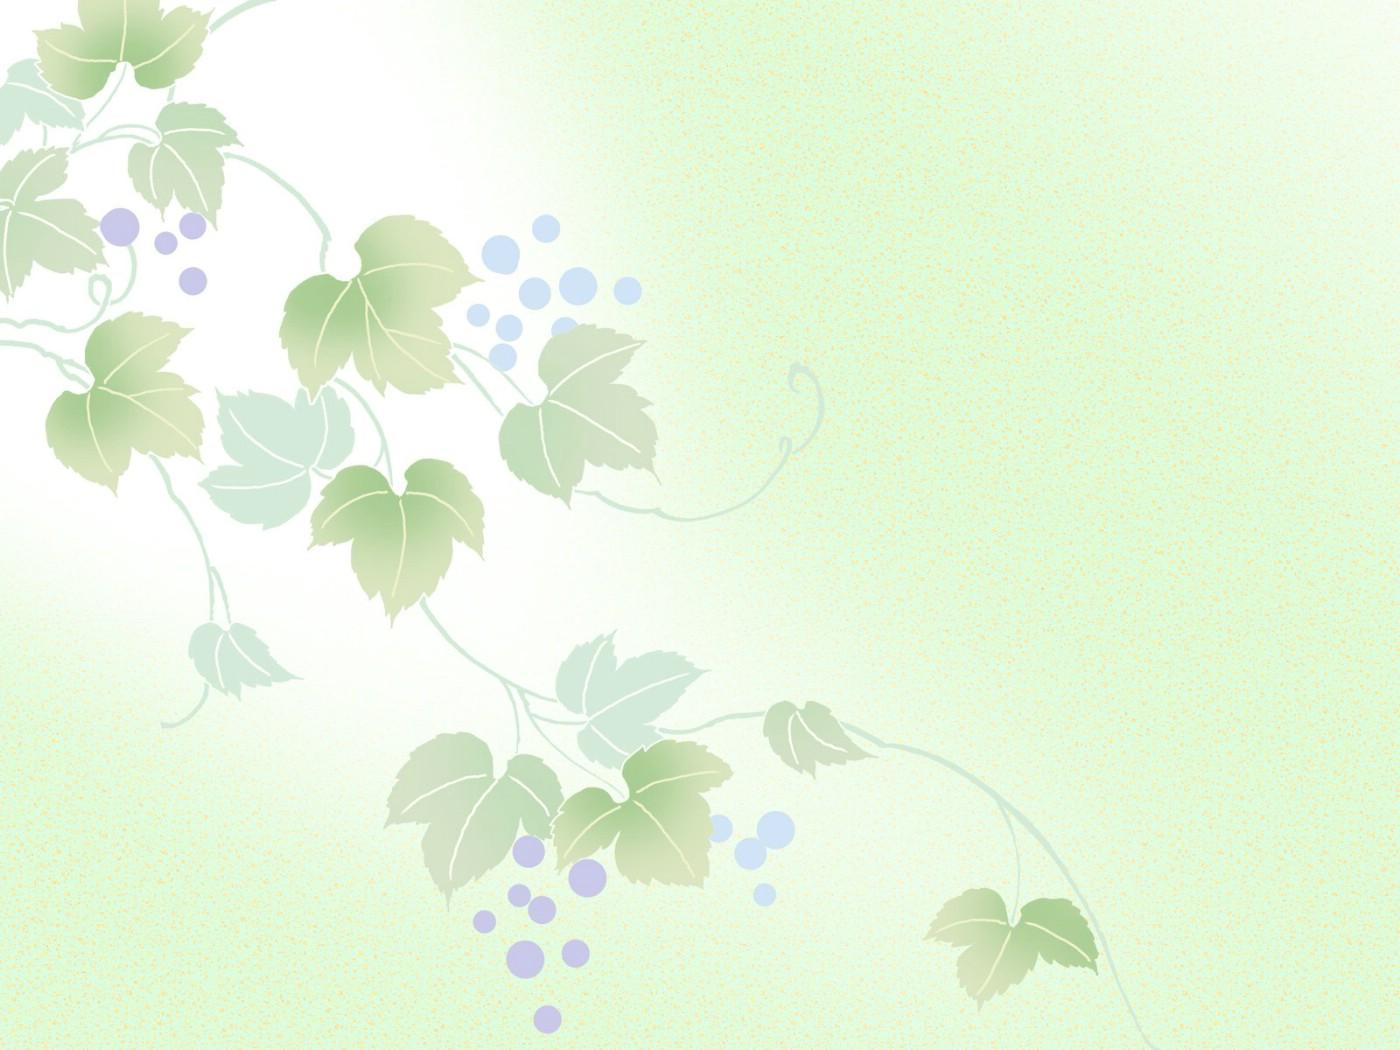 壁纸1400×1050简洁系 花卉图案背景图片壁纸 美丽碎花布 之 简洁淡雅系壁纸图片花卉壁纸花卉图片素材桌面壁纸